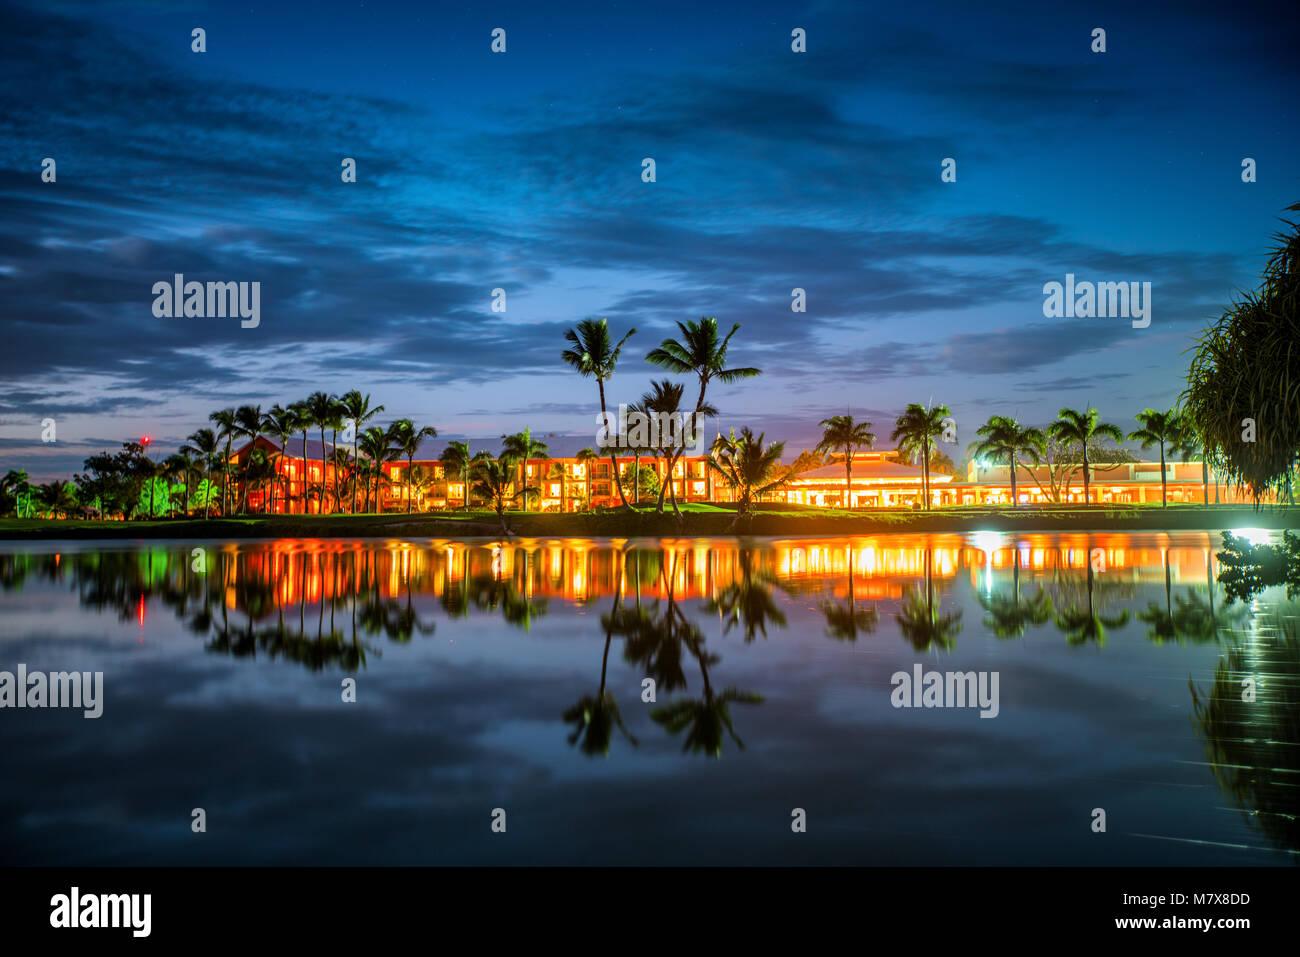 Campo de golf tropical al atardecer, República Dominicana, Punta Cana. Imagen De Stock